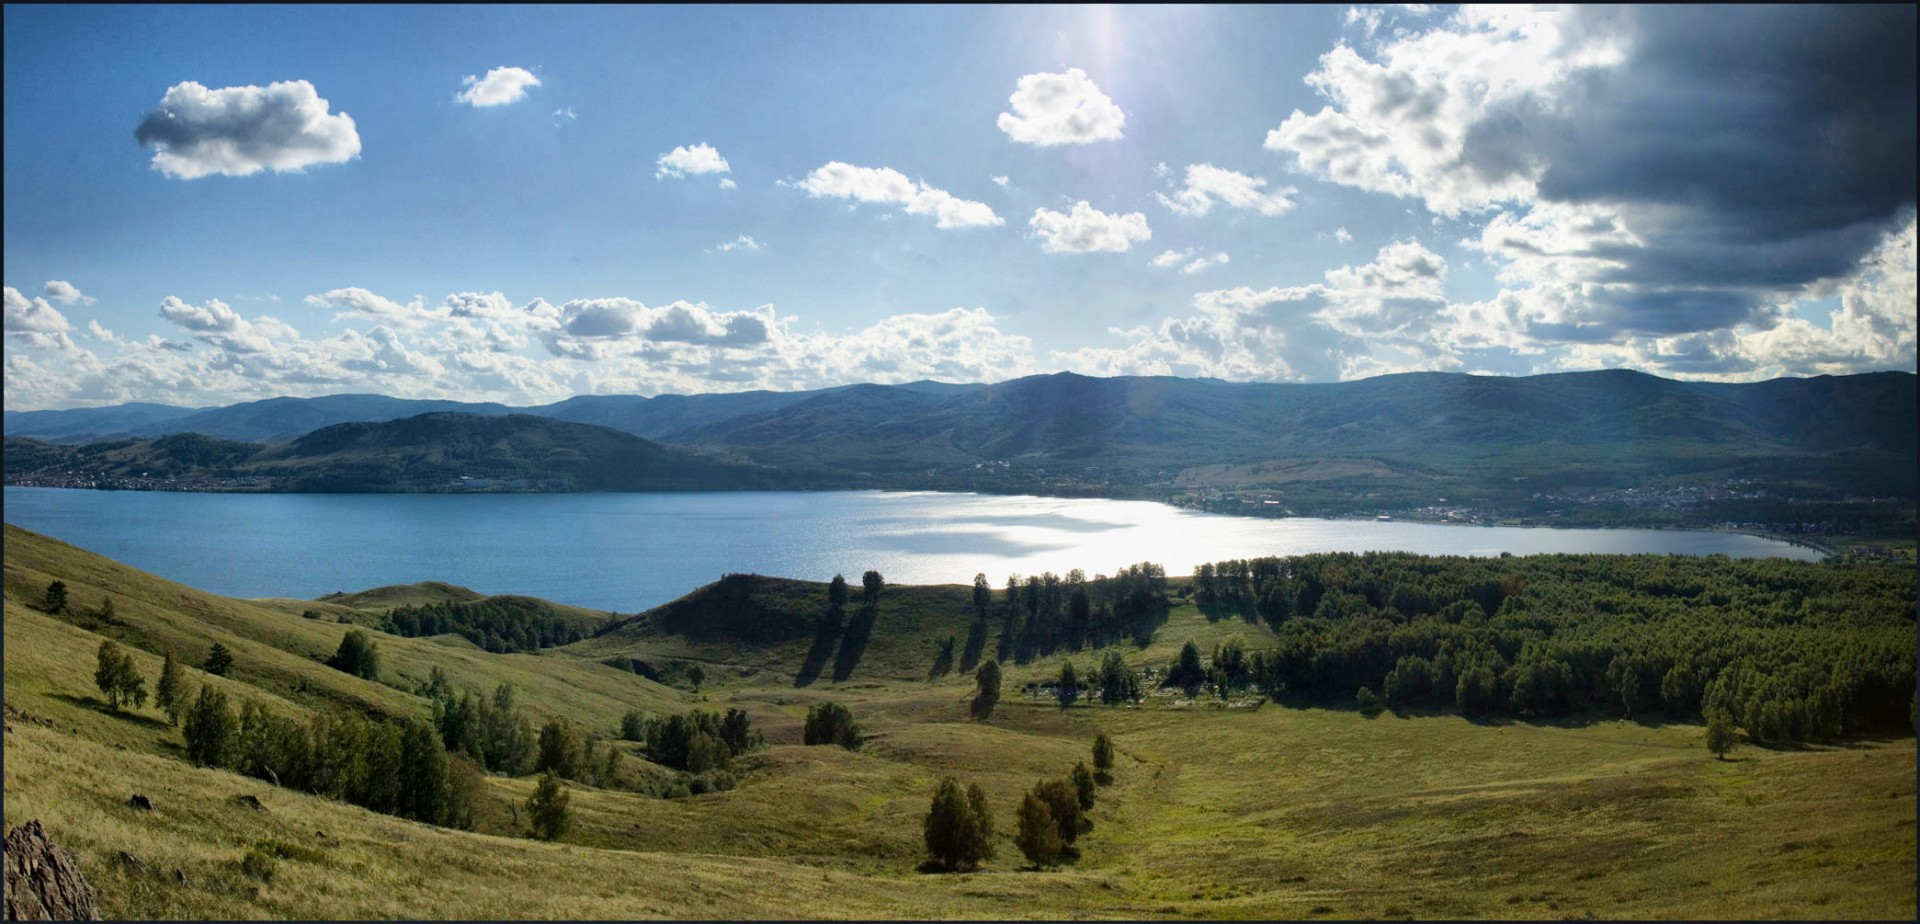 фото с озером и холмами